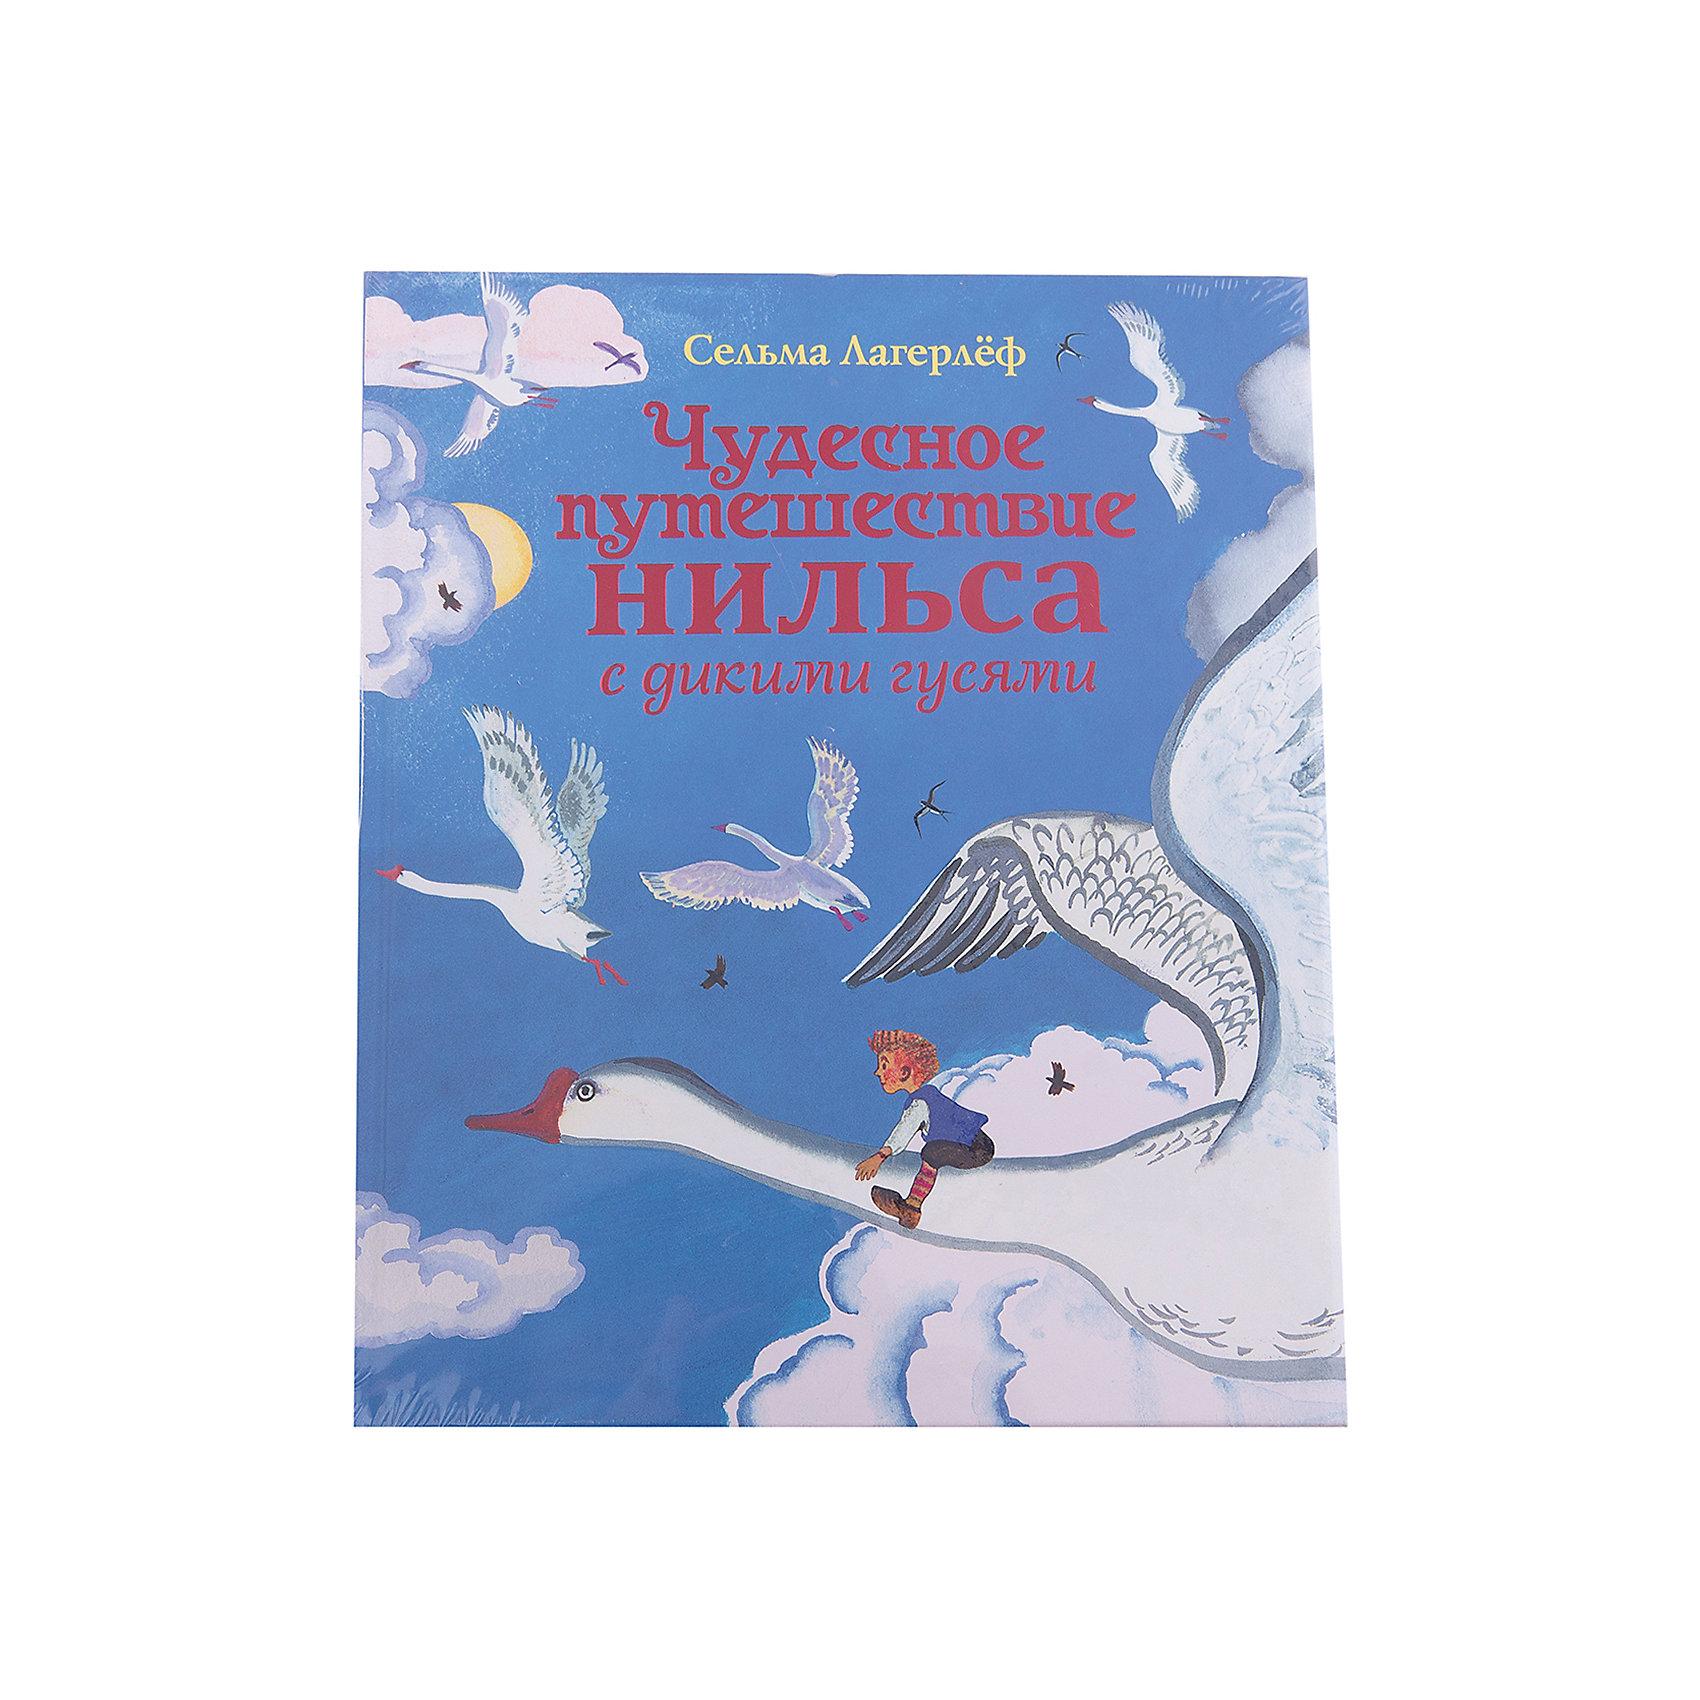 Чудесное путешествие Нильса с дикими гусями, ил. Е. МешковаЗарубежные сказки<br>Мальчик Нильс волею волшебника-гнома становится маленьким и совершает путешествие вместе с гусиной стаей. Знаменитая сказка шведской писательницы, лауреата Нобелевской премии по литературе не только развивает воображение малышей, но и в увлекательной, волшебной, нескучной форме даёт им знания о зоологии и географии.<br>Для старшего дошкольного возраста.<br>Литературная адаптация И. Котовской.<br><br>Ширина мм: 240<br>Глубина мм: 197<br>Высота мм: 20<br>Вес г: 800<br>Возраст от месяцев: 72<br>Возраст до месяцев: 2147483647<br>Пол: Унисекс<br>Возраст: Детский<br>SKU: 5535558